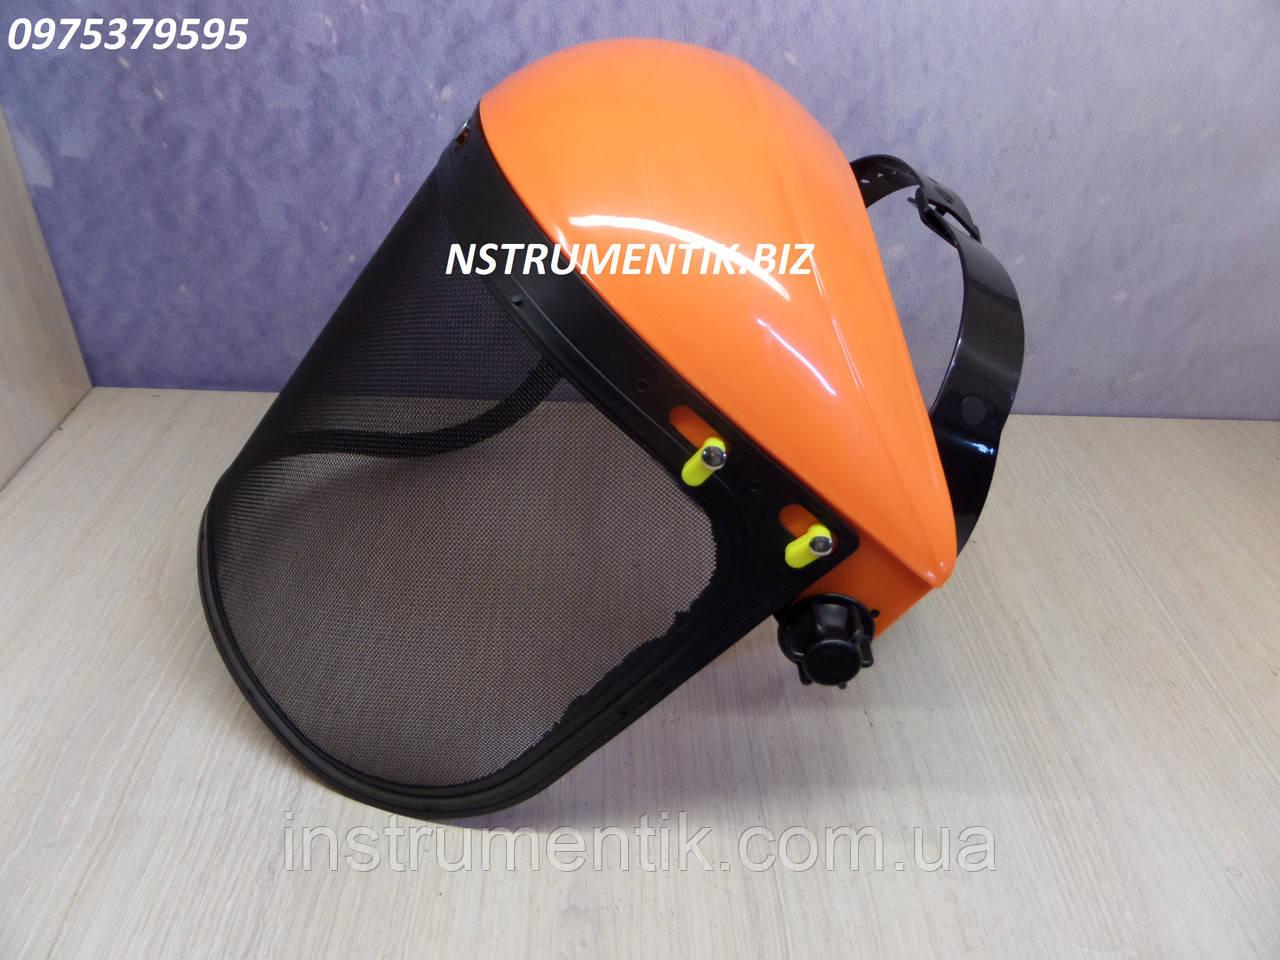 Защитная маска для бензокос